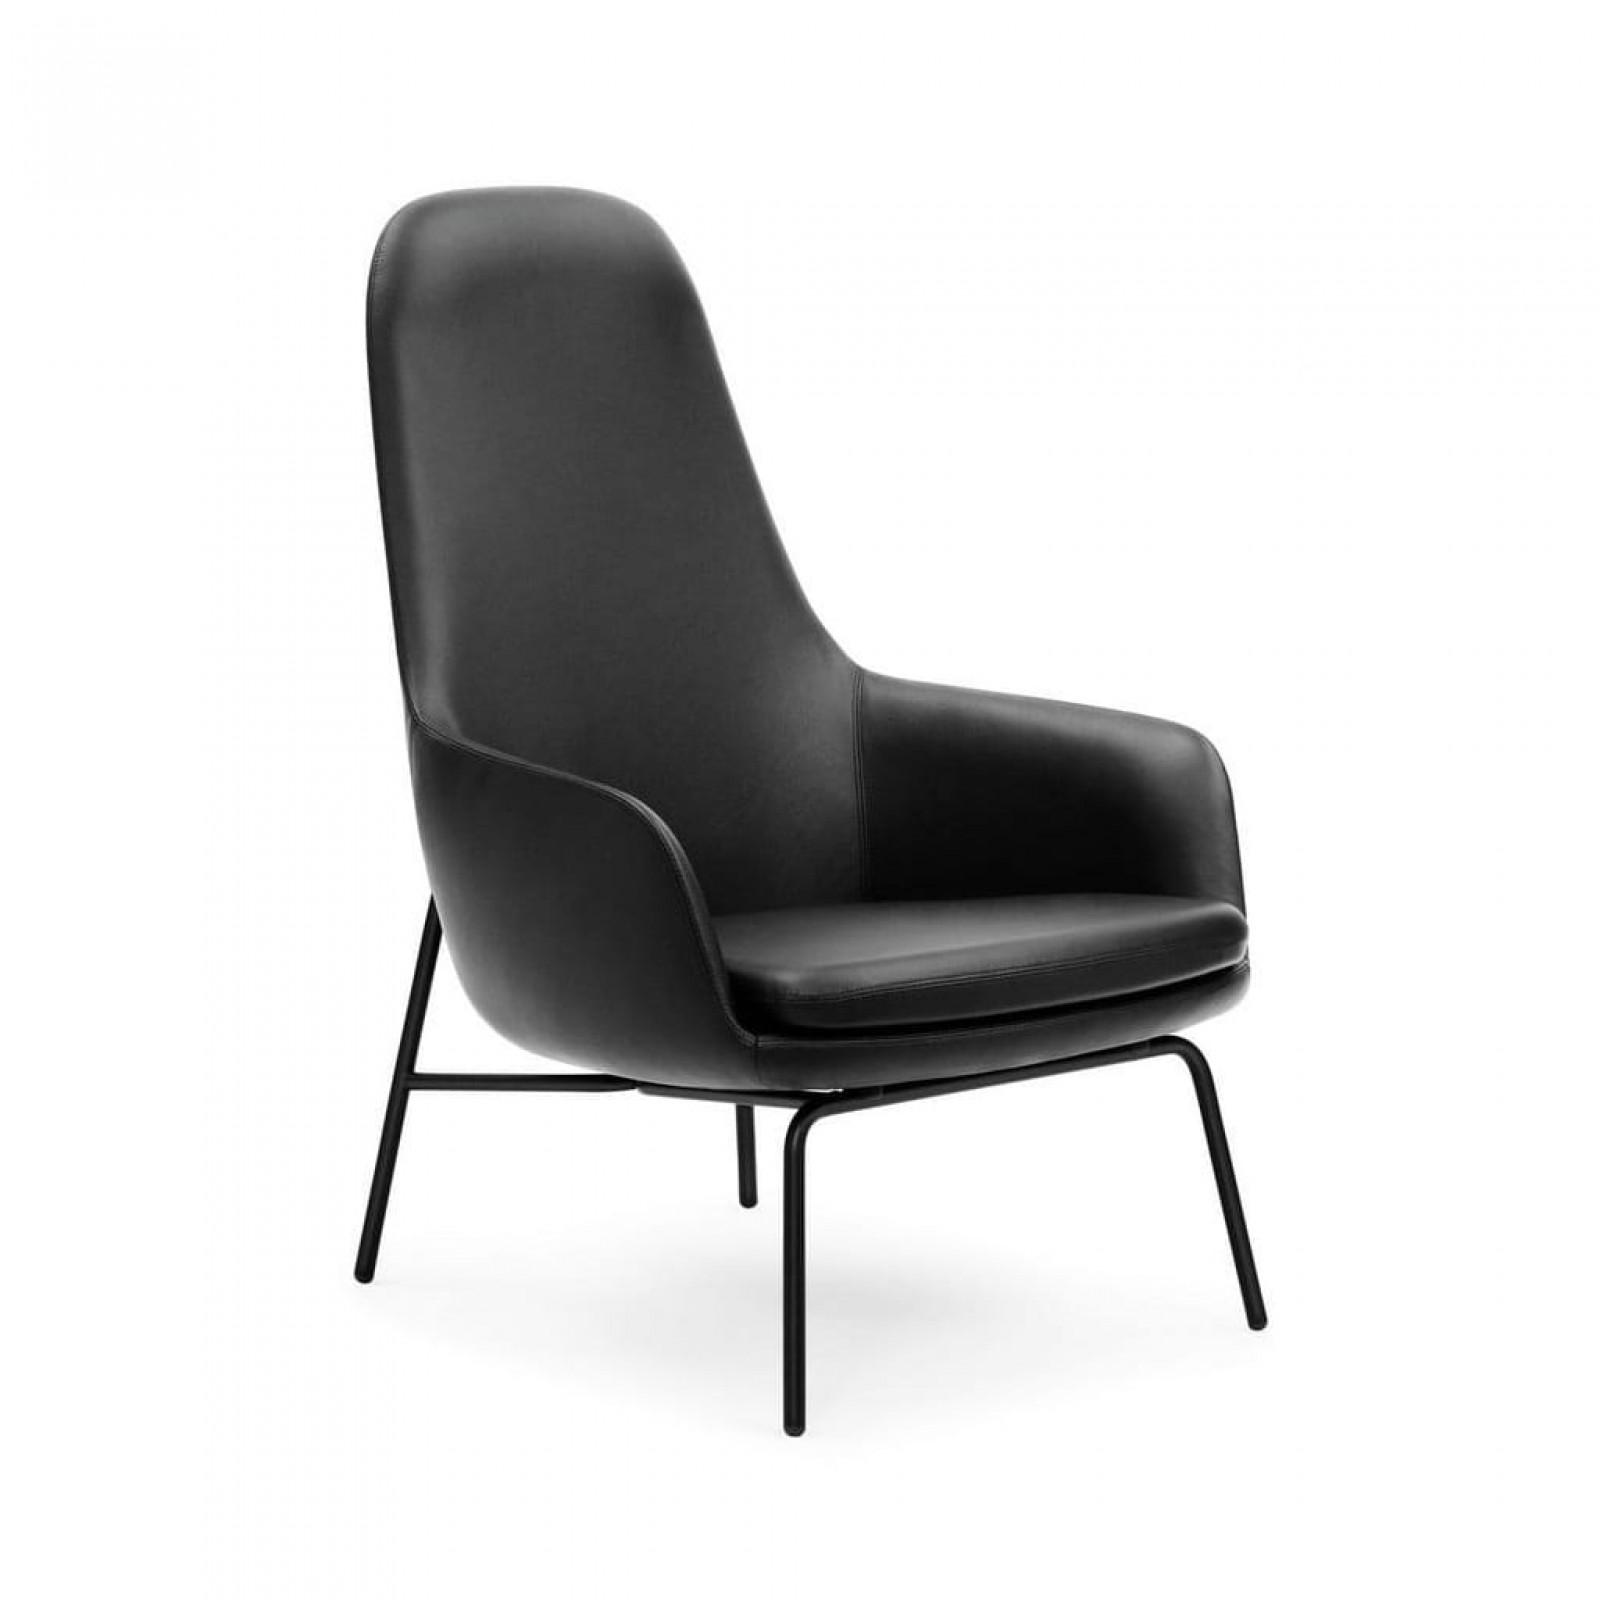 Δερμάτινη Πολυθρόνα με Ψηλή Πλάτη Era Lounge (Μέταλλο) - Normann Copenhagen